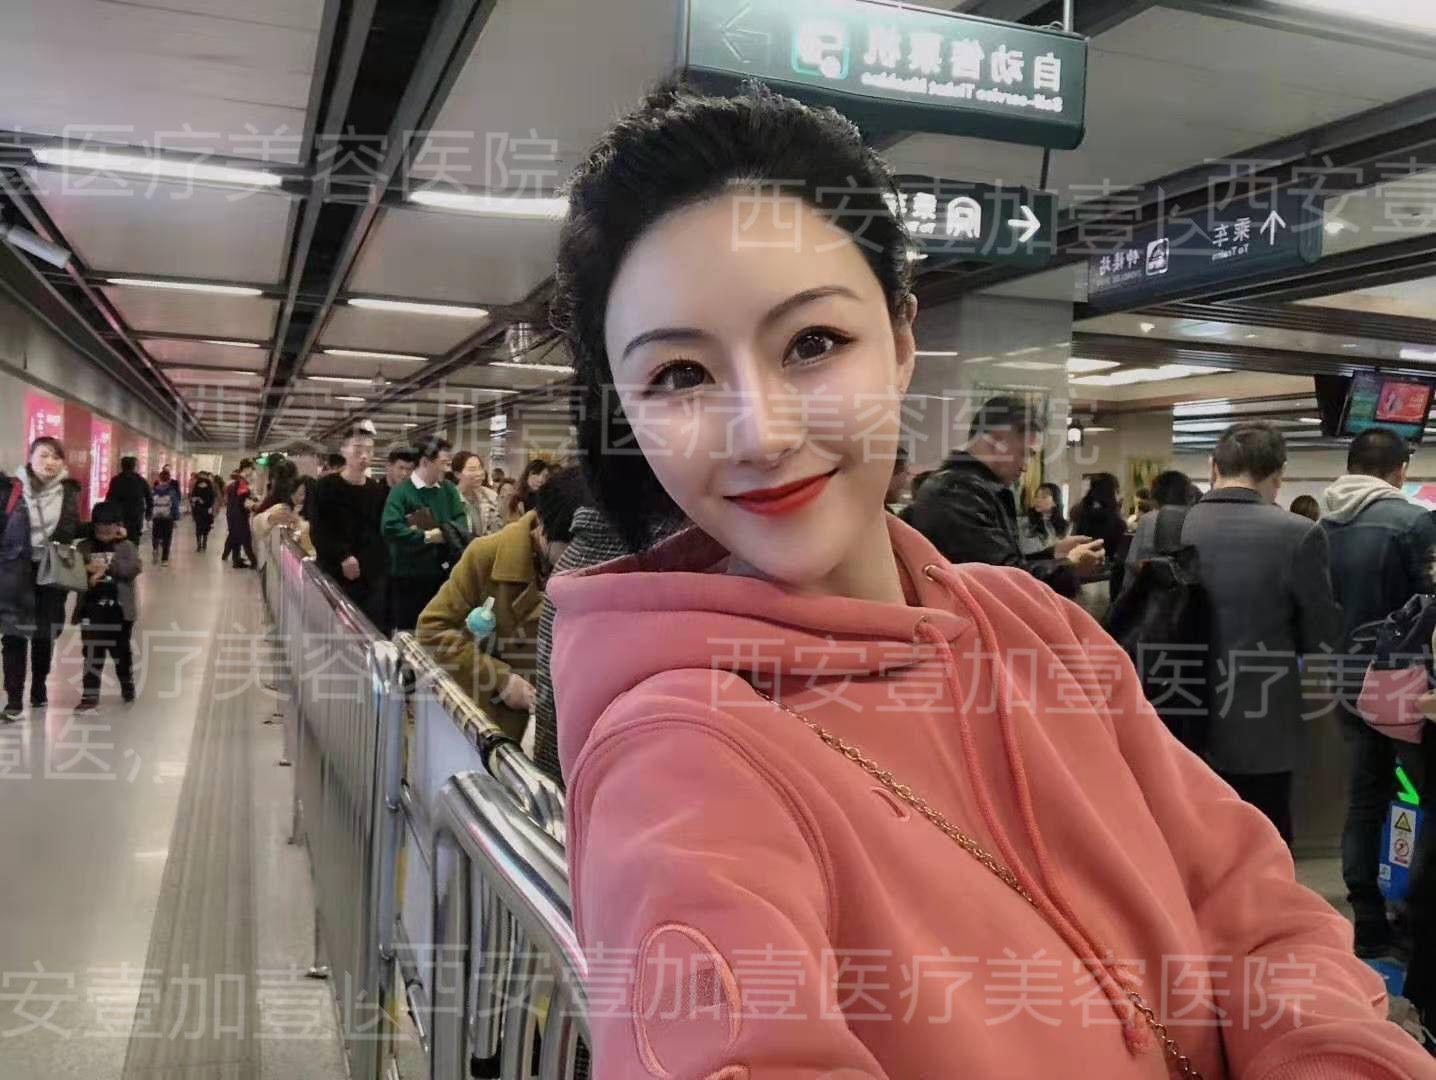 忙里偷闲的拍张照片,这周一地铁站人可多,怕了怕了,但是也是化着妆美美的出门上班啦,呼呼,效果依旧保持。